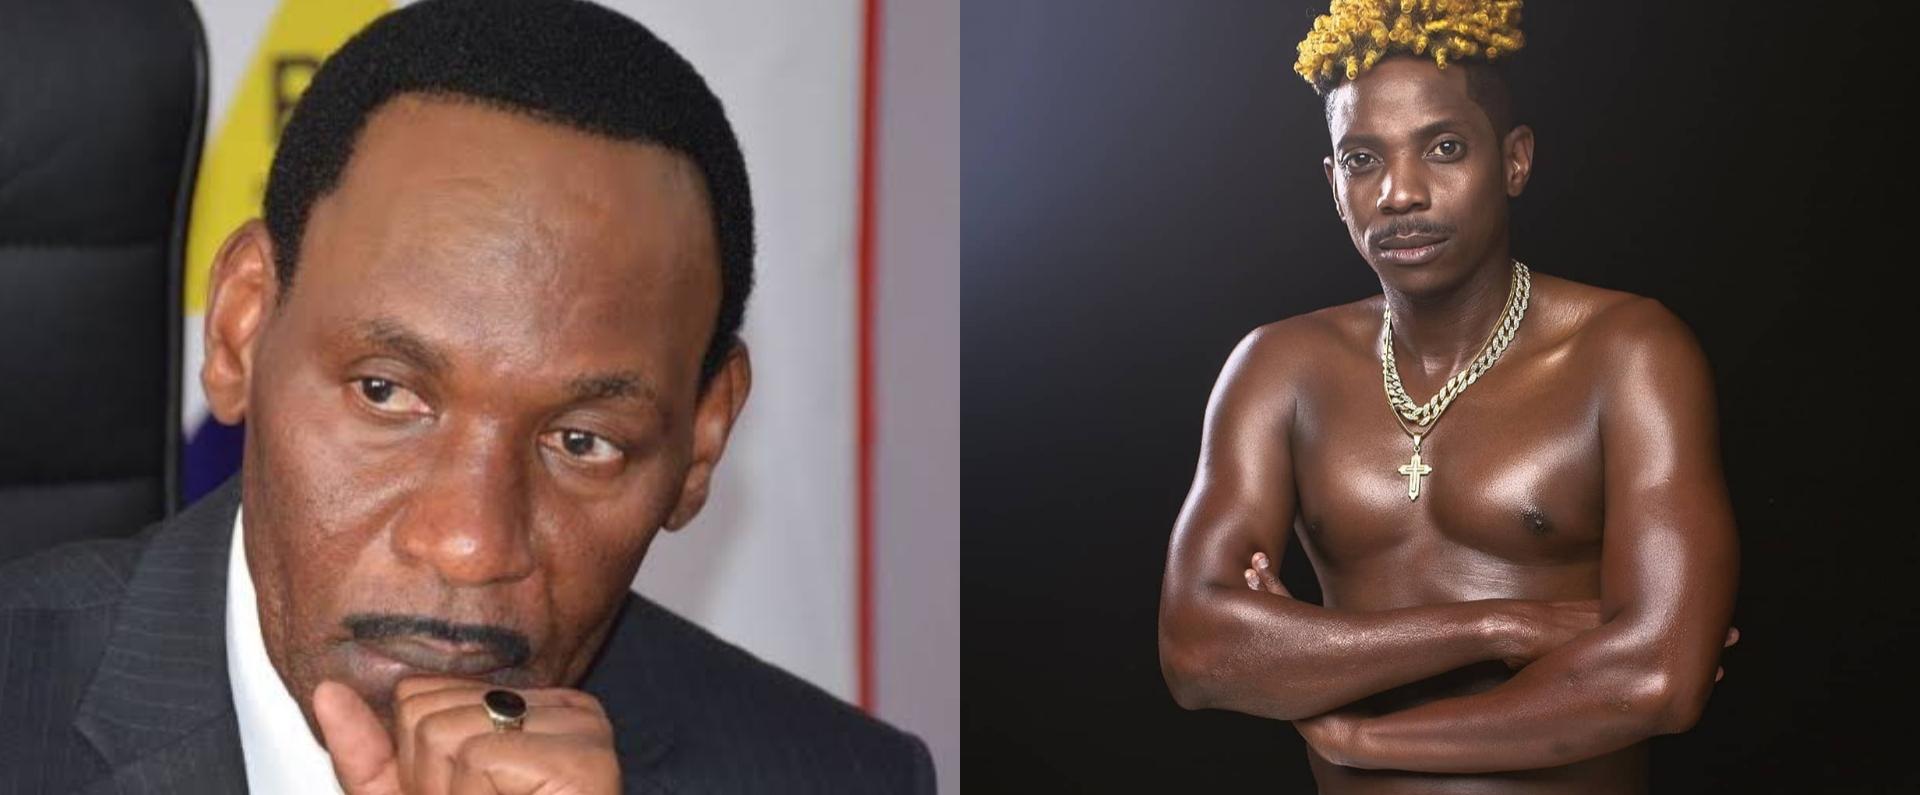 Eric Omondi, Ezekiel Mutua clash over viral video